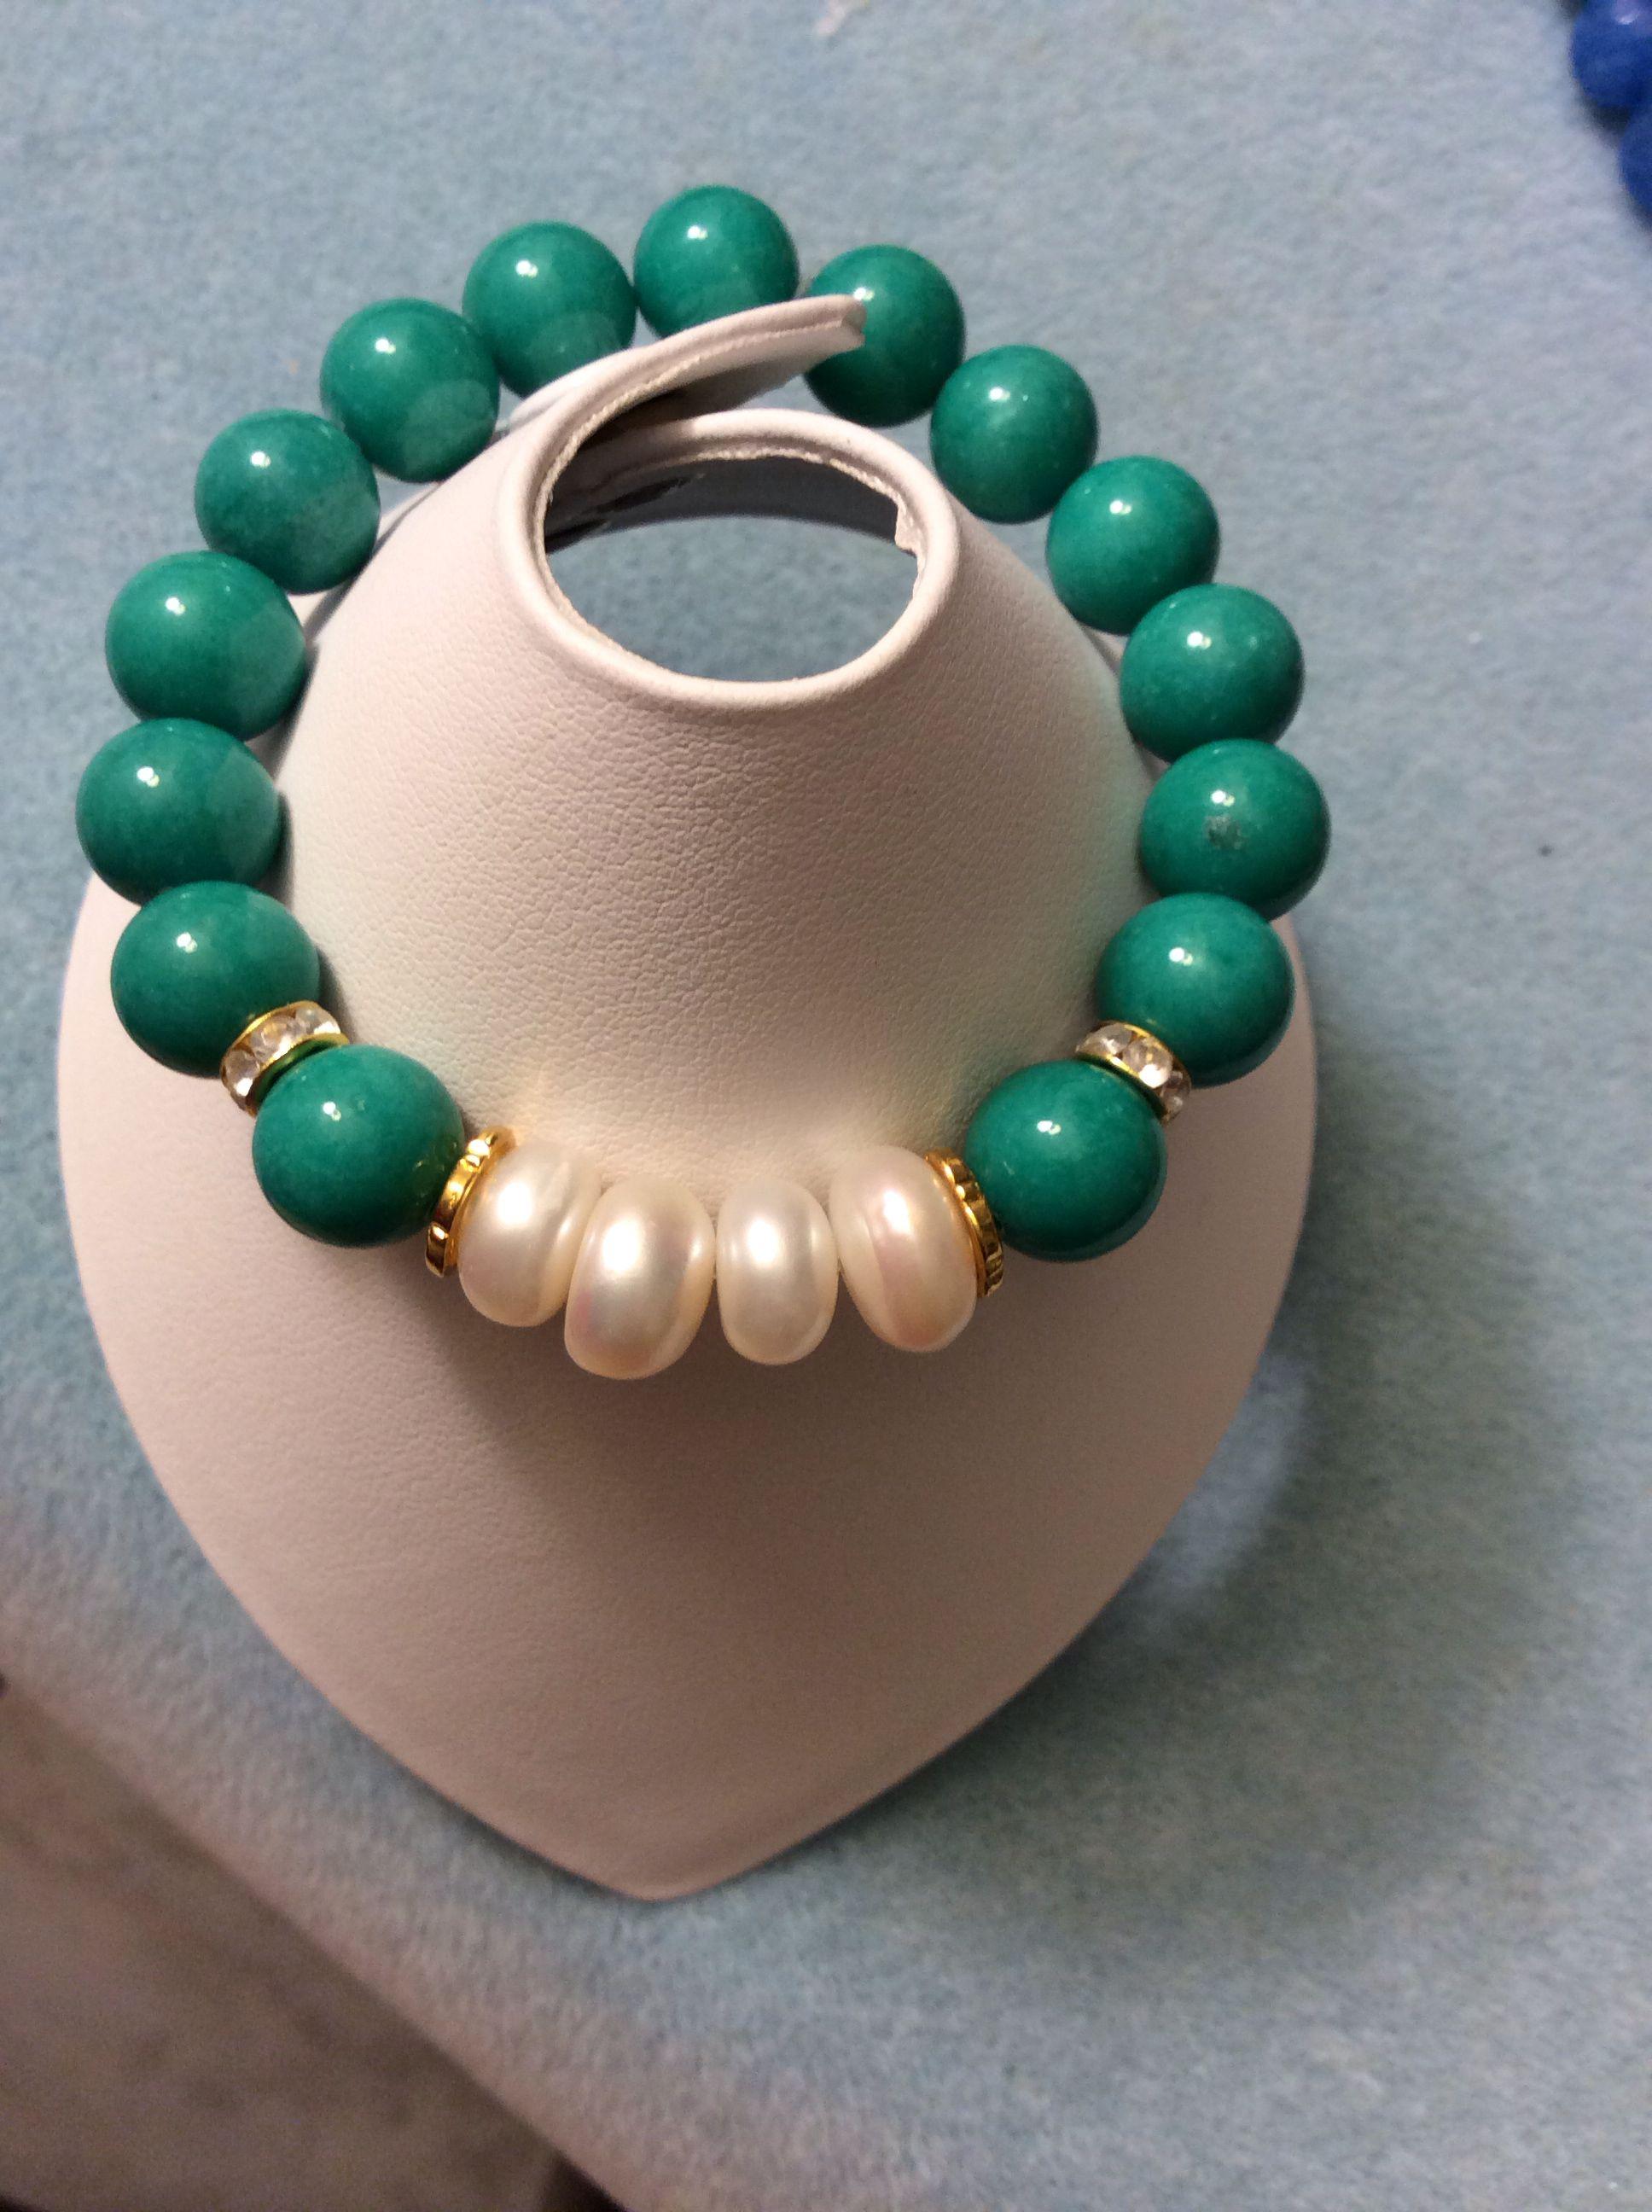 Hermosa pulsera tono verde con perlas cultivadas en agua dulce.